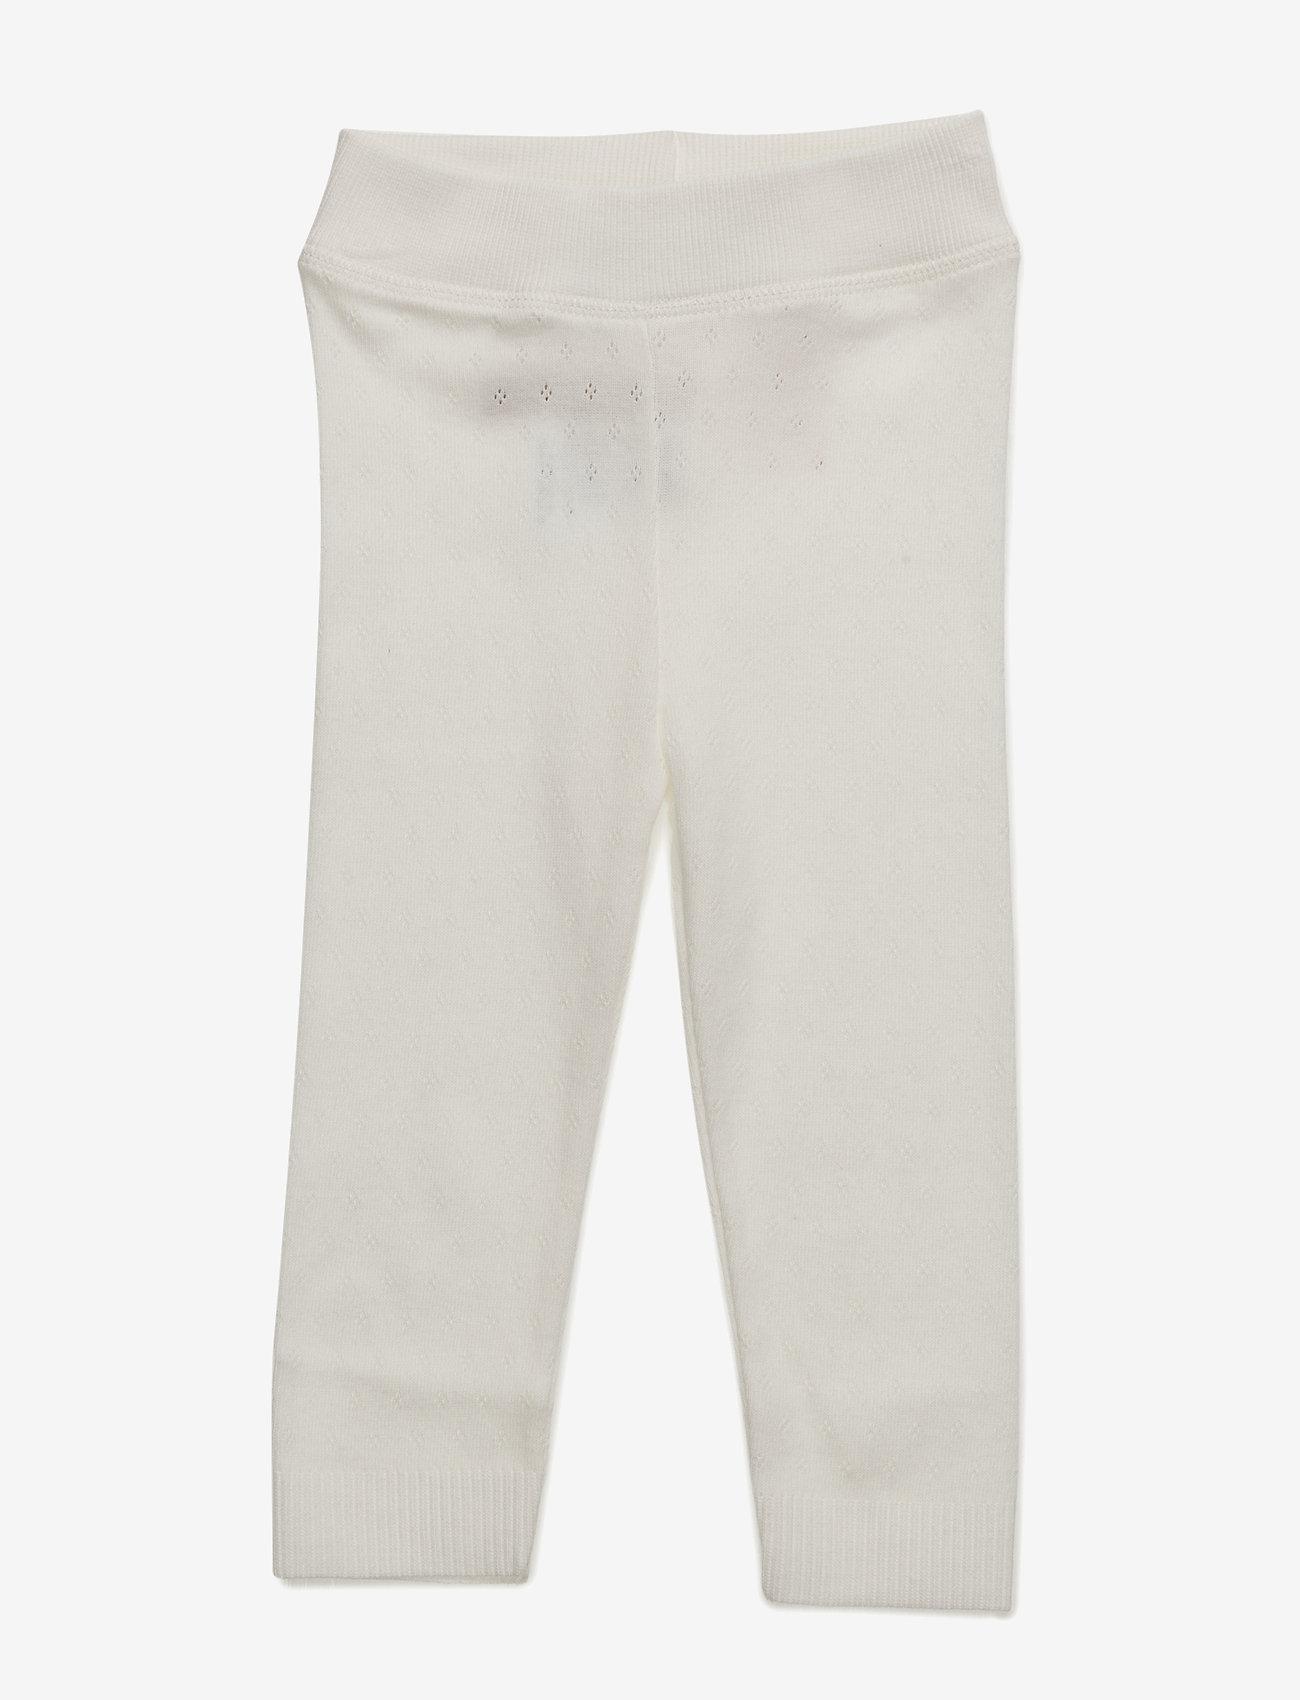 Noa Noa Miniature - Leggings - leggings - chalk - 0